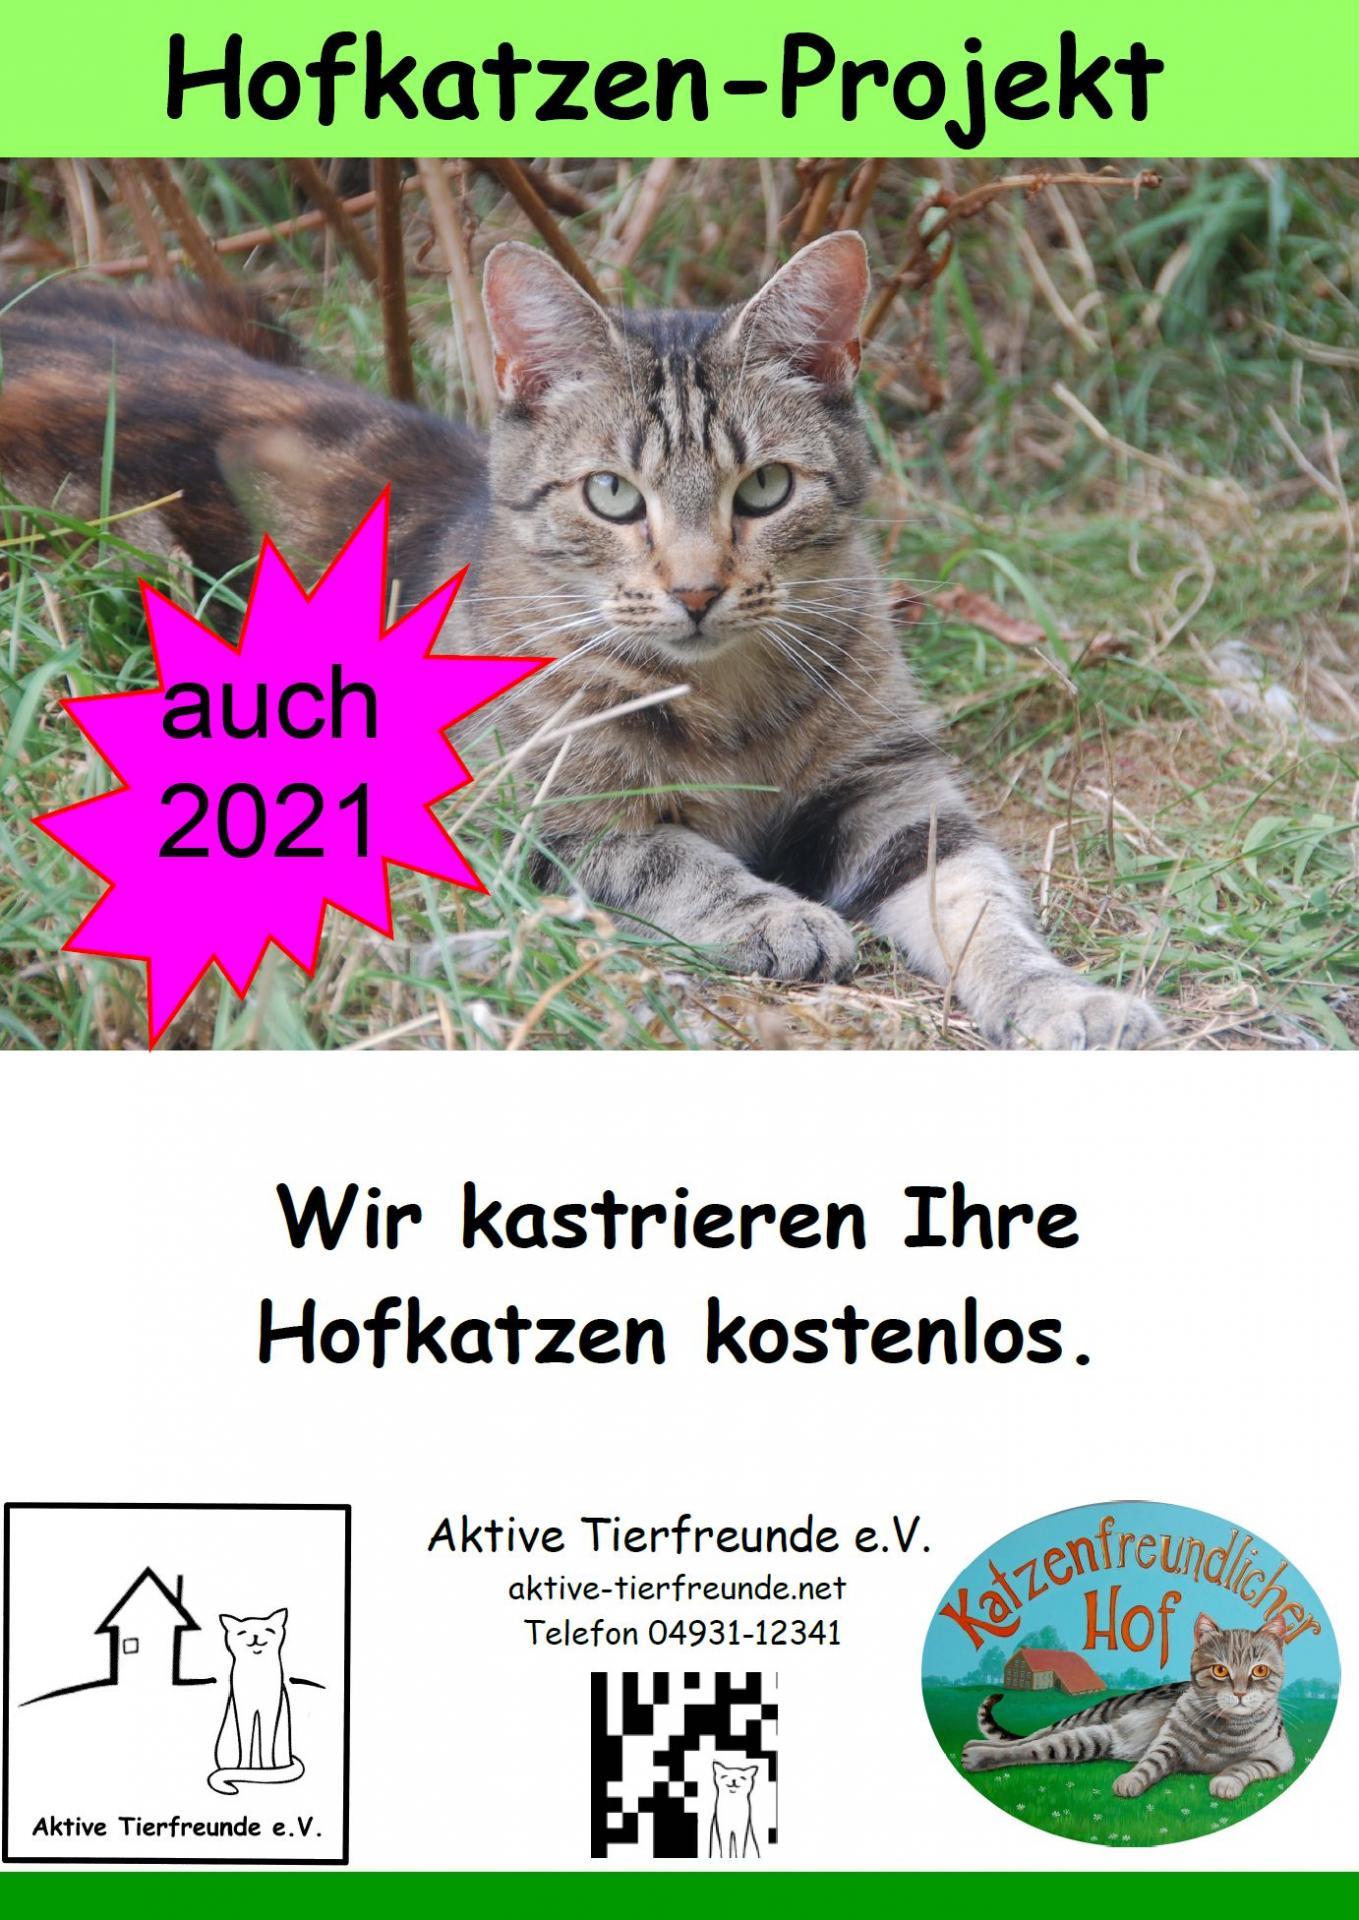 Hofkatzenprojekt 2021